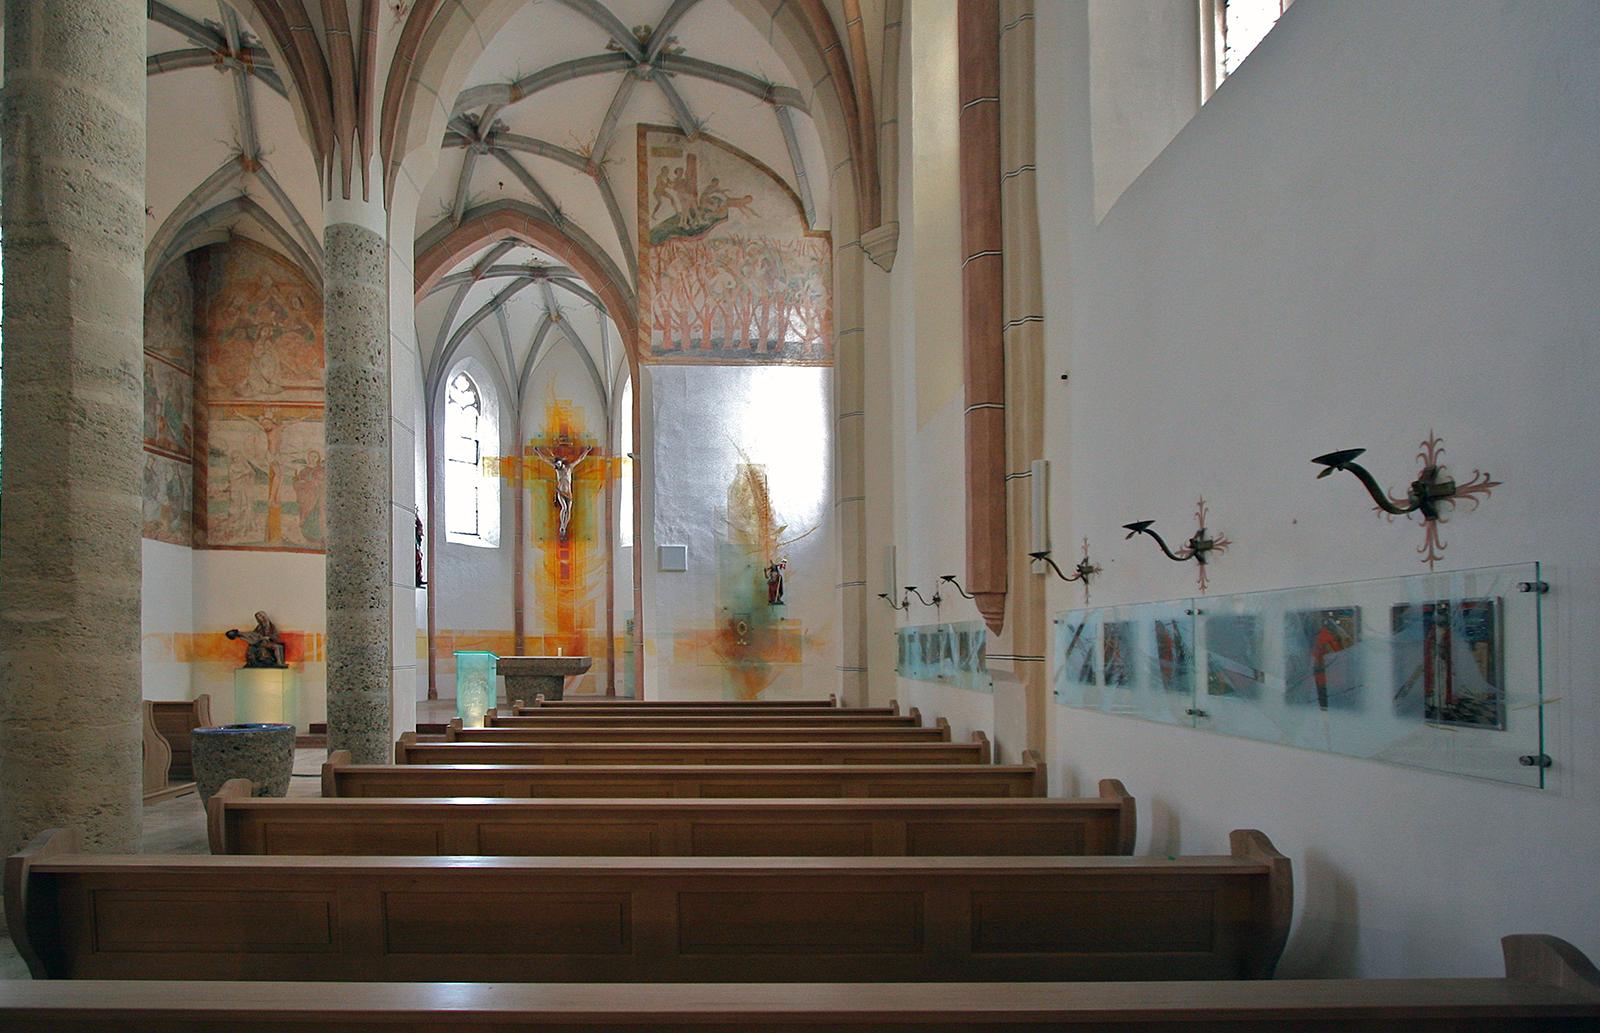 Kath. Kirche Heiligkreuz Chiemsee, Wand-und Glasgestaltung